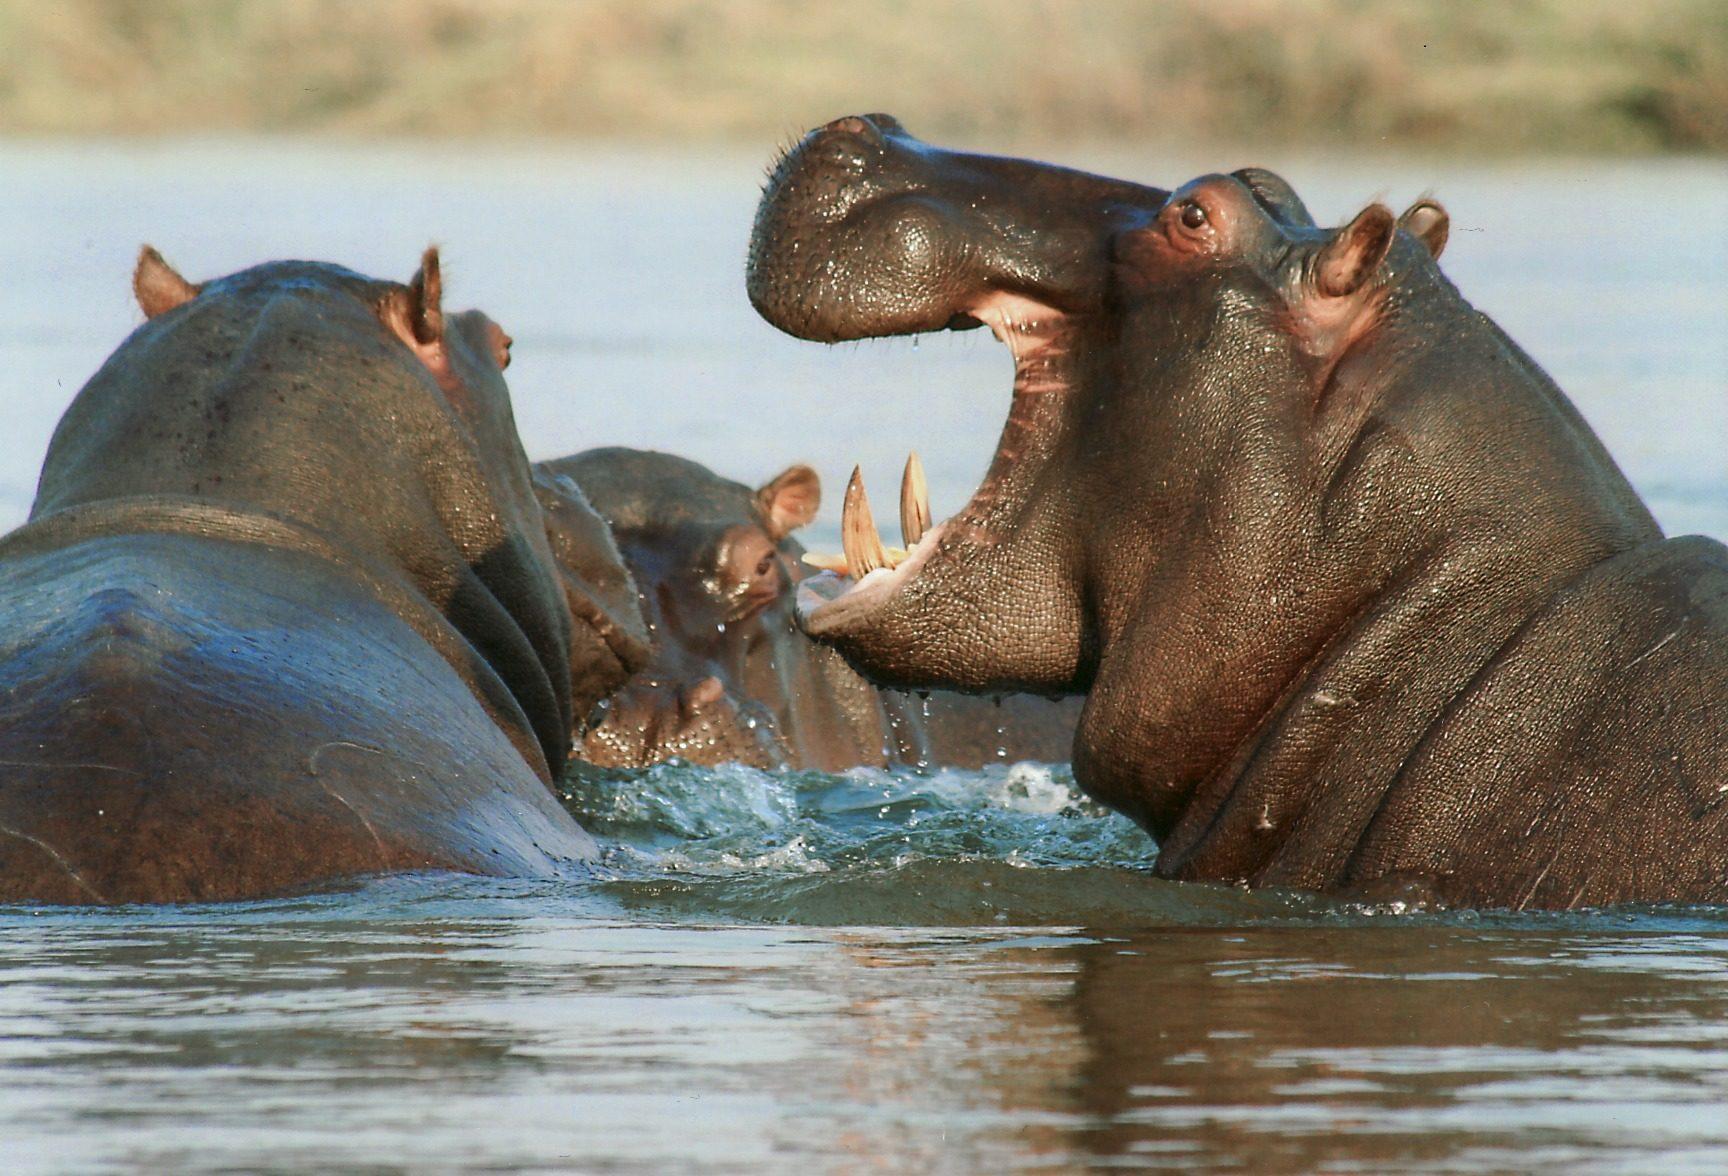 hipopótamos, dientes, río, namibia, áfrica - Fondos de Pantalla HD - professor-falken.com